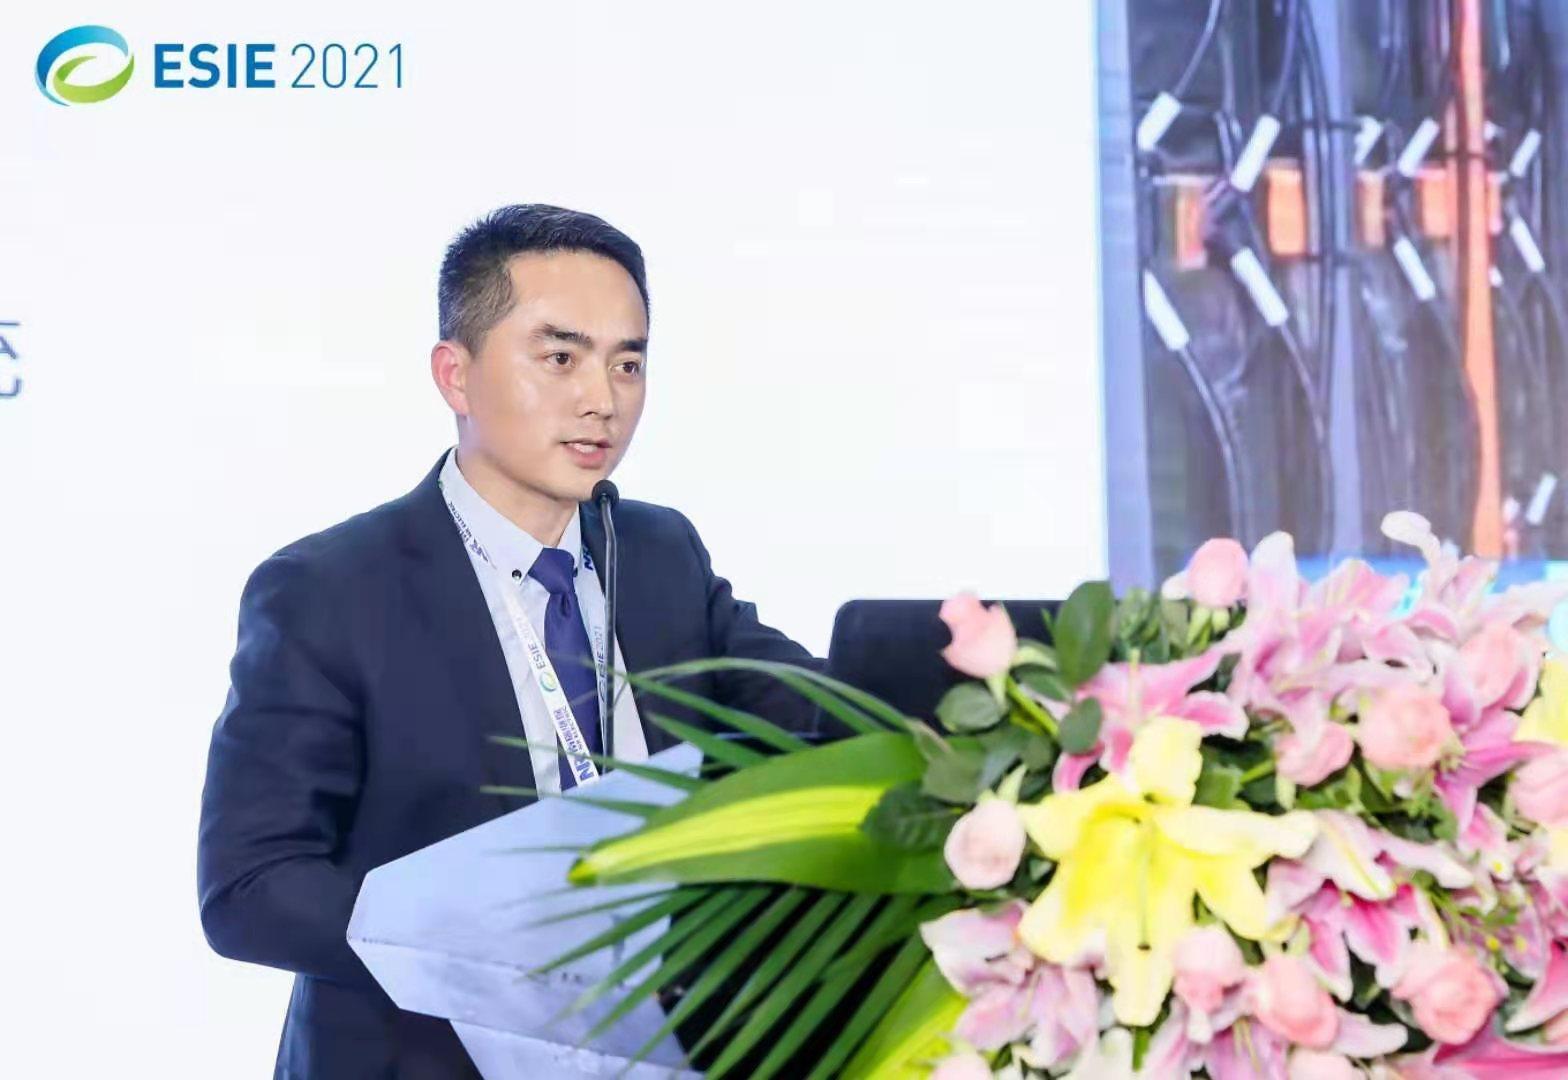 上海盖鼎精密制冷设备有限公司参加第十届储能国际峰会暨展览会ESIE2021取得圆满成功